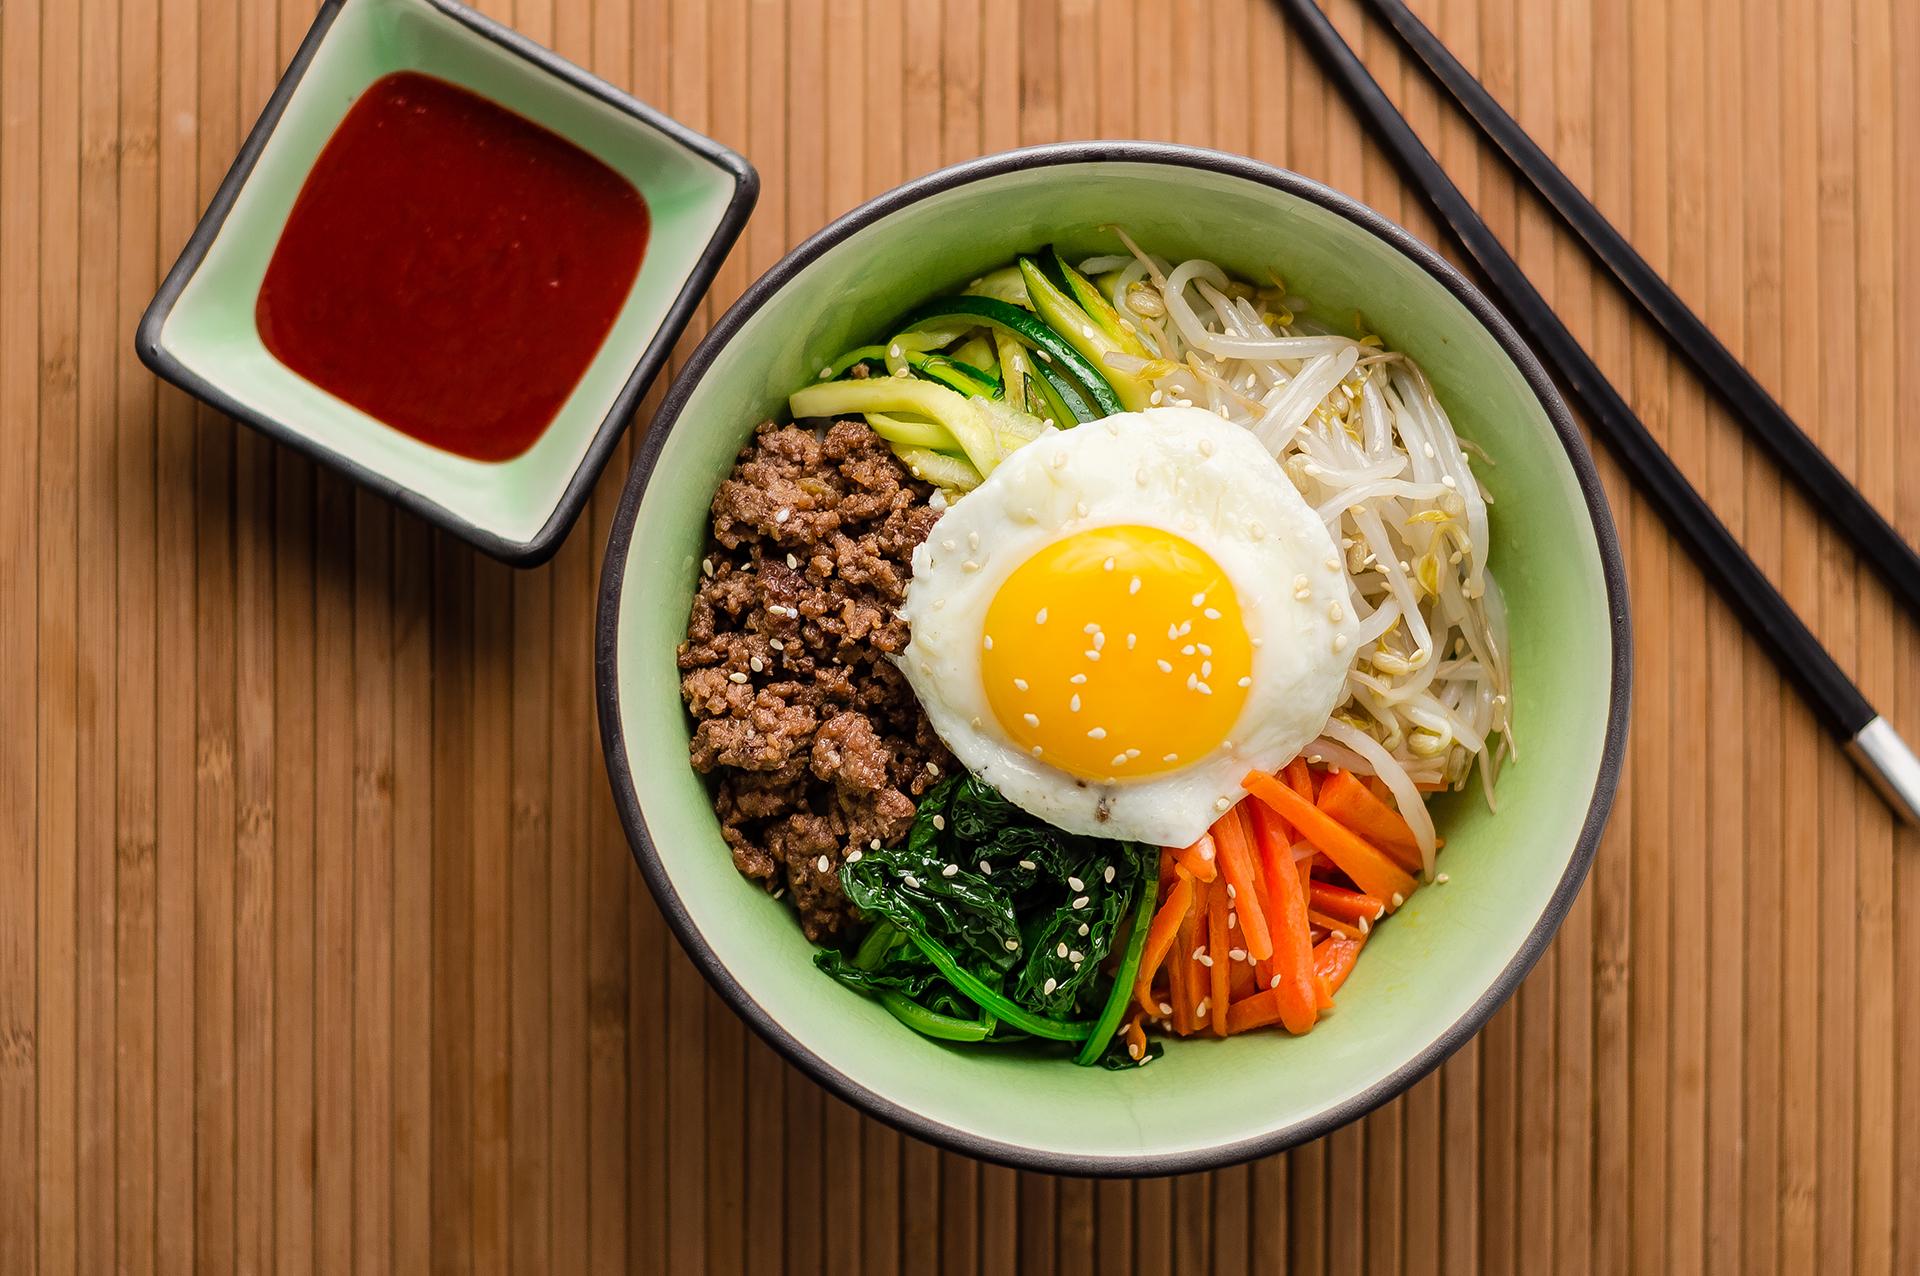 El bibimbap coreano es un colorido y sabroso bowl de arroz cubierto con un huevo frito y servidocon verduras calientes